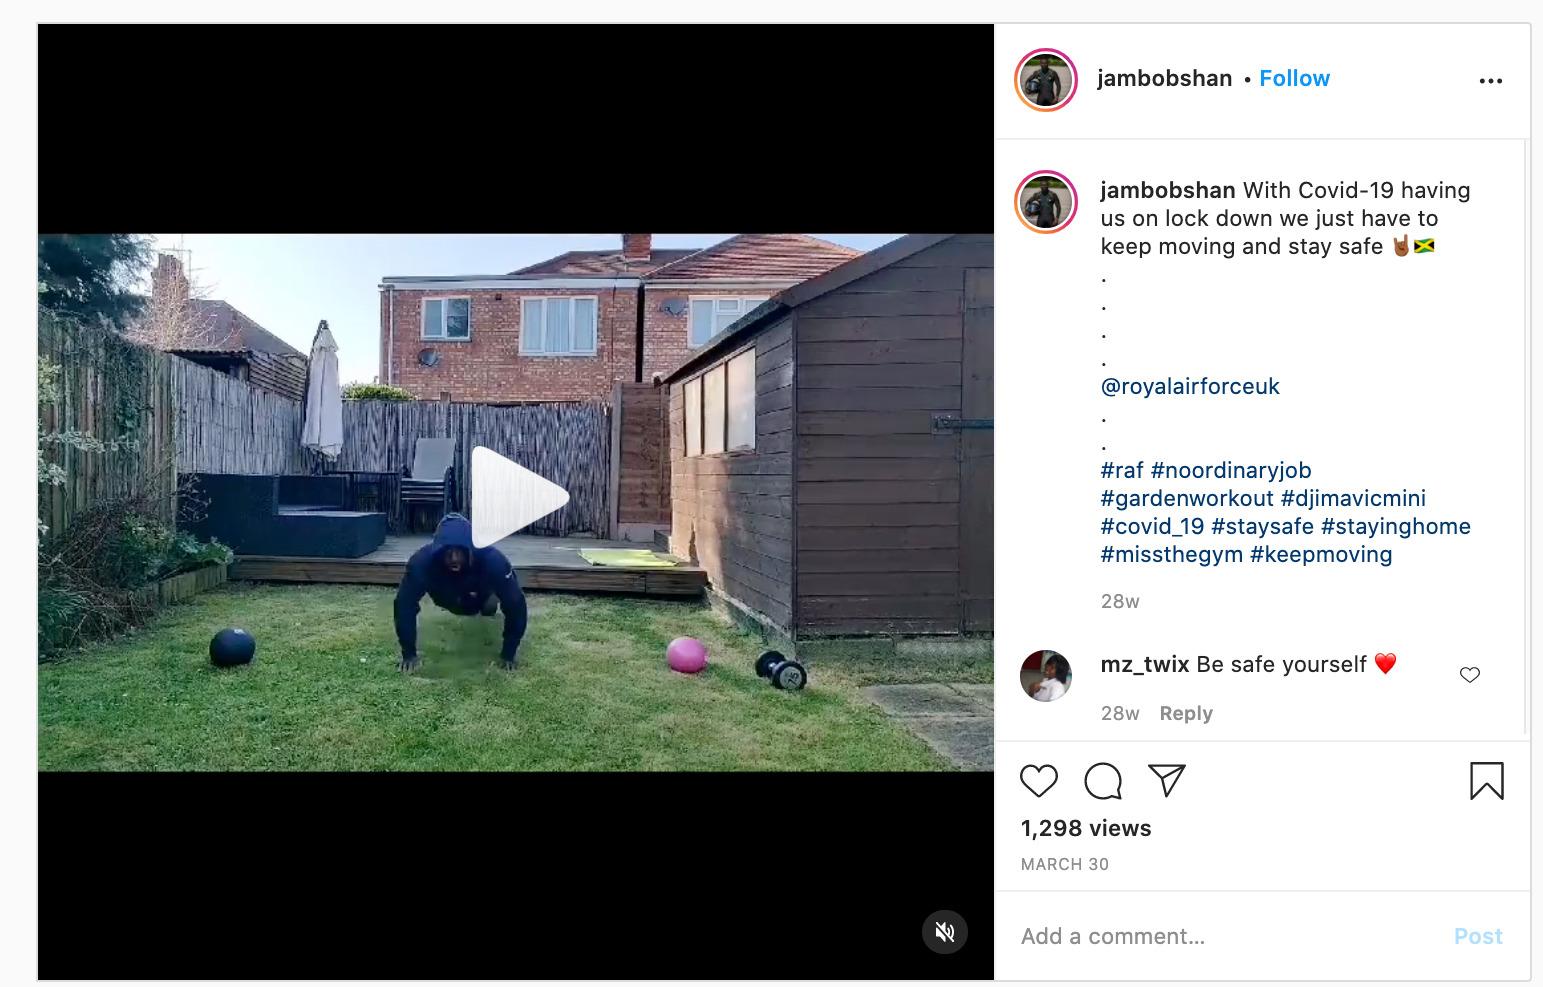 Screenshot of Instagram post